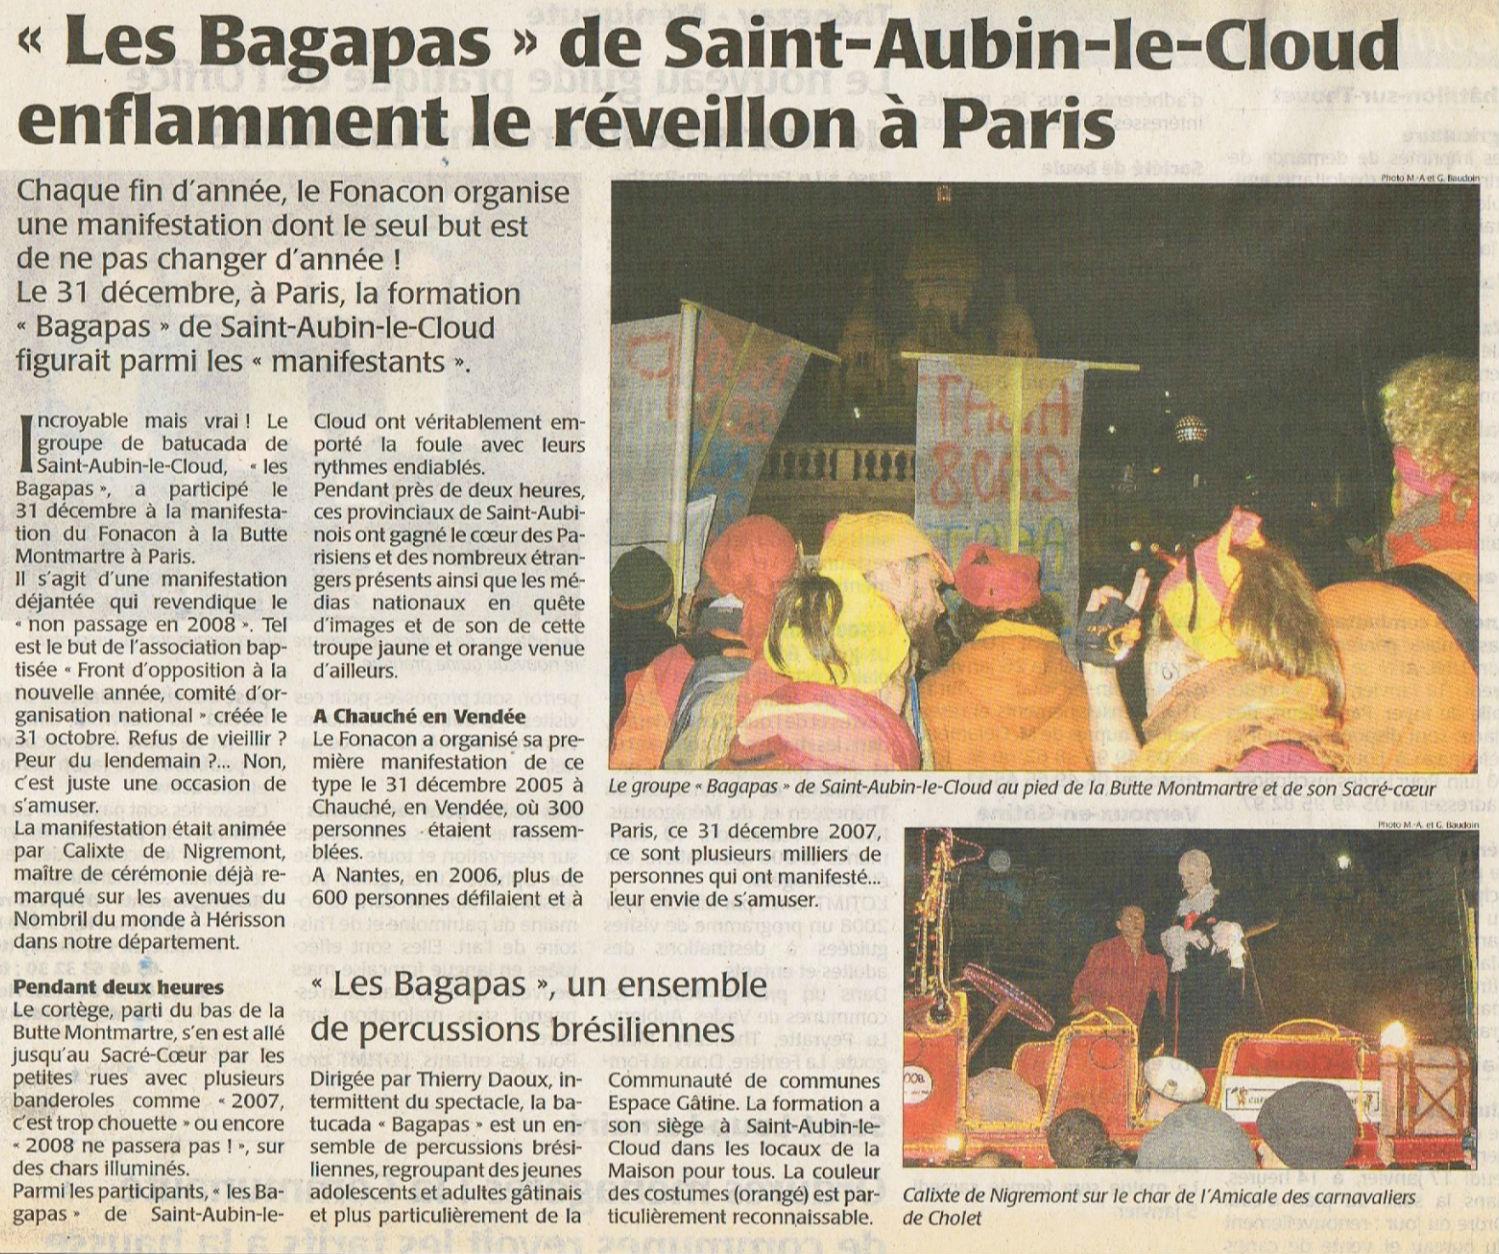 http://taptapo.fr/wp-content/uploads/bagapas-à-paris.jpg